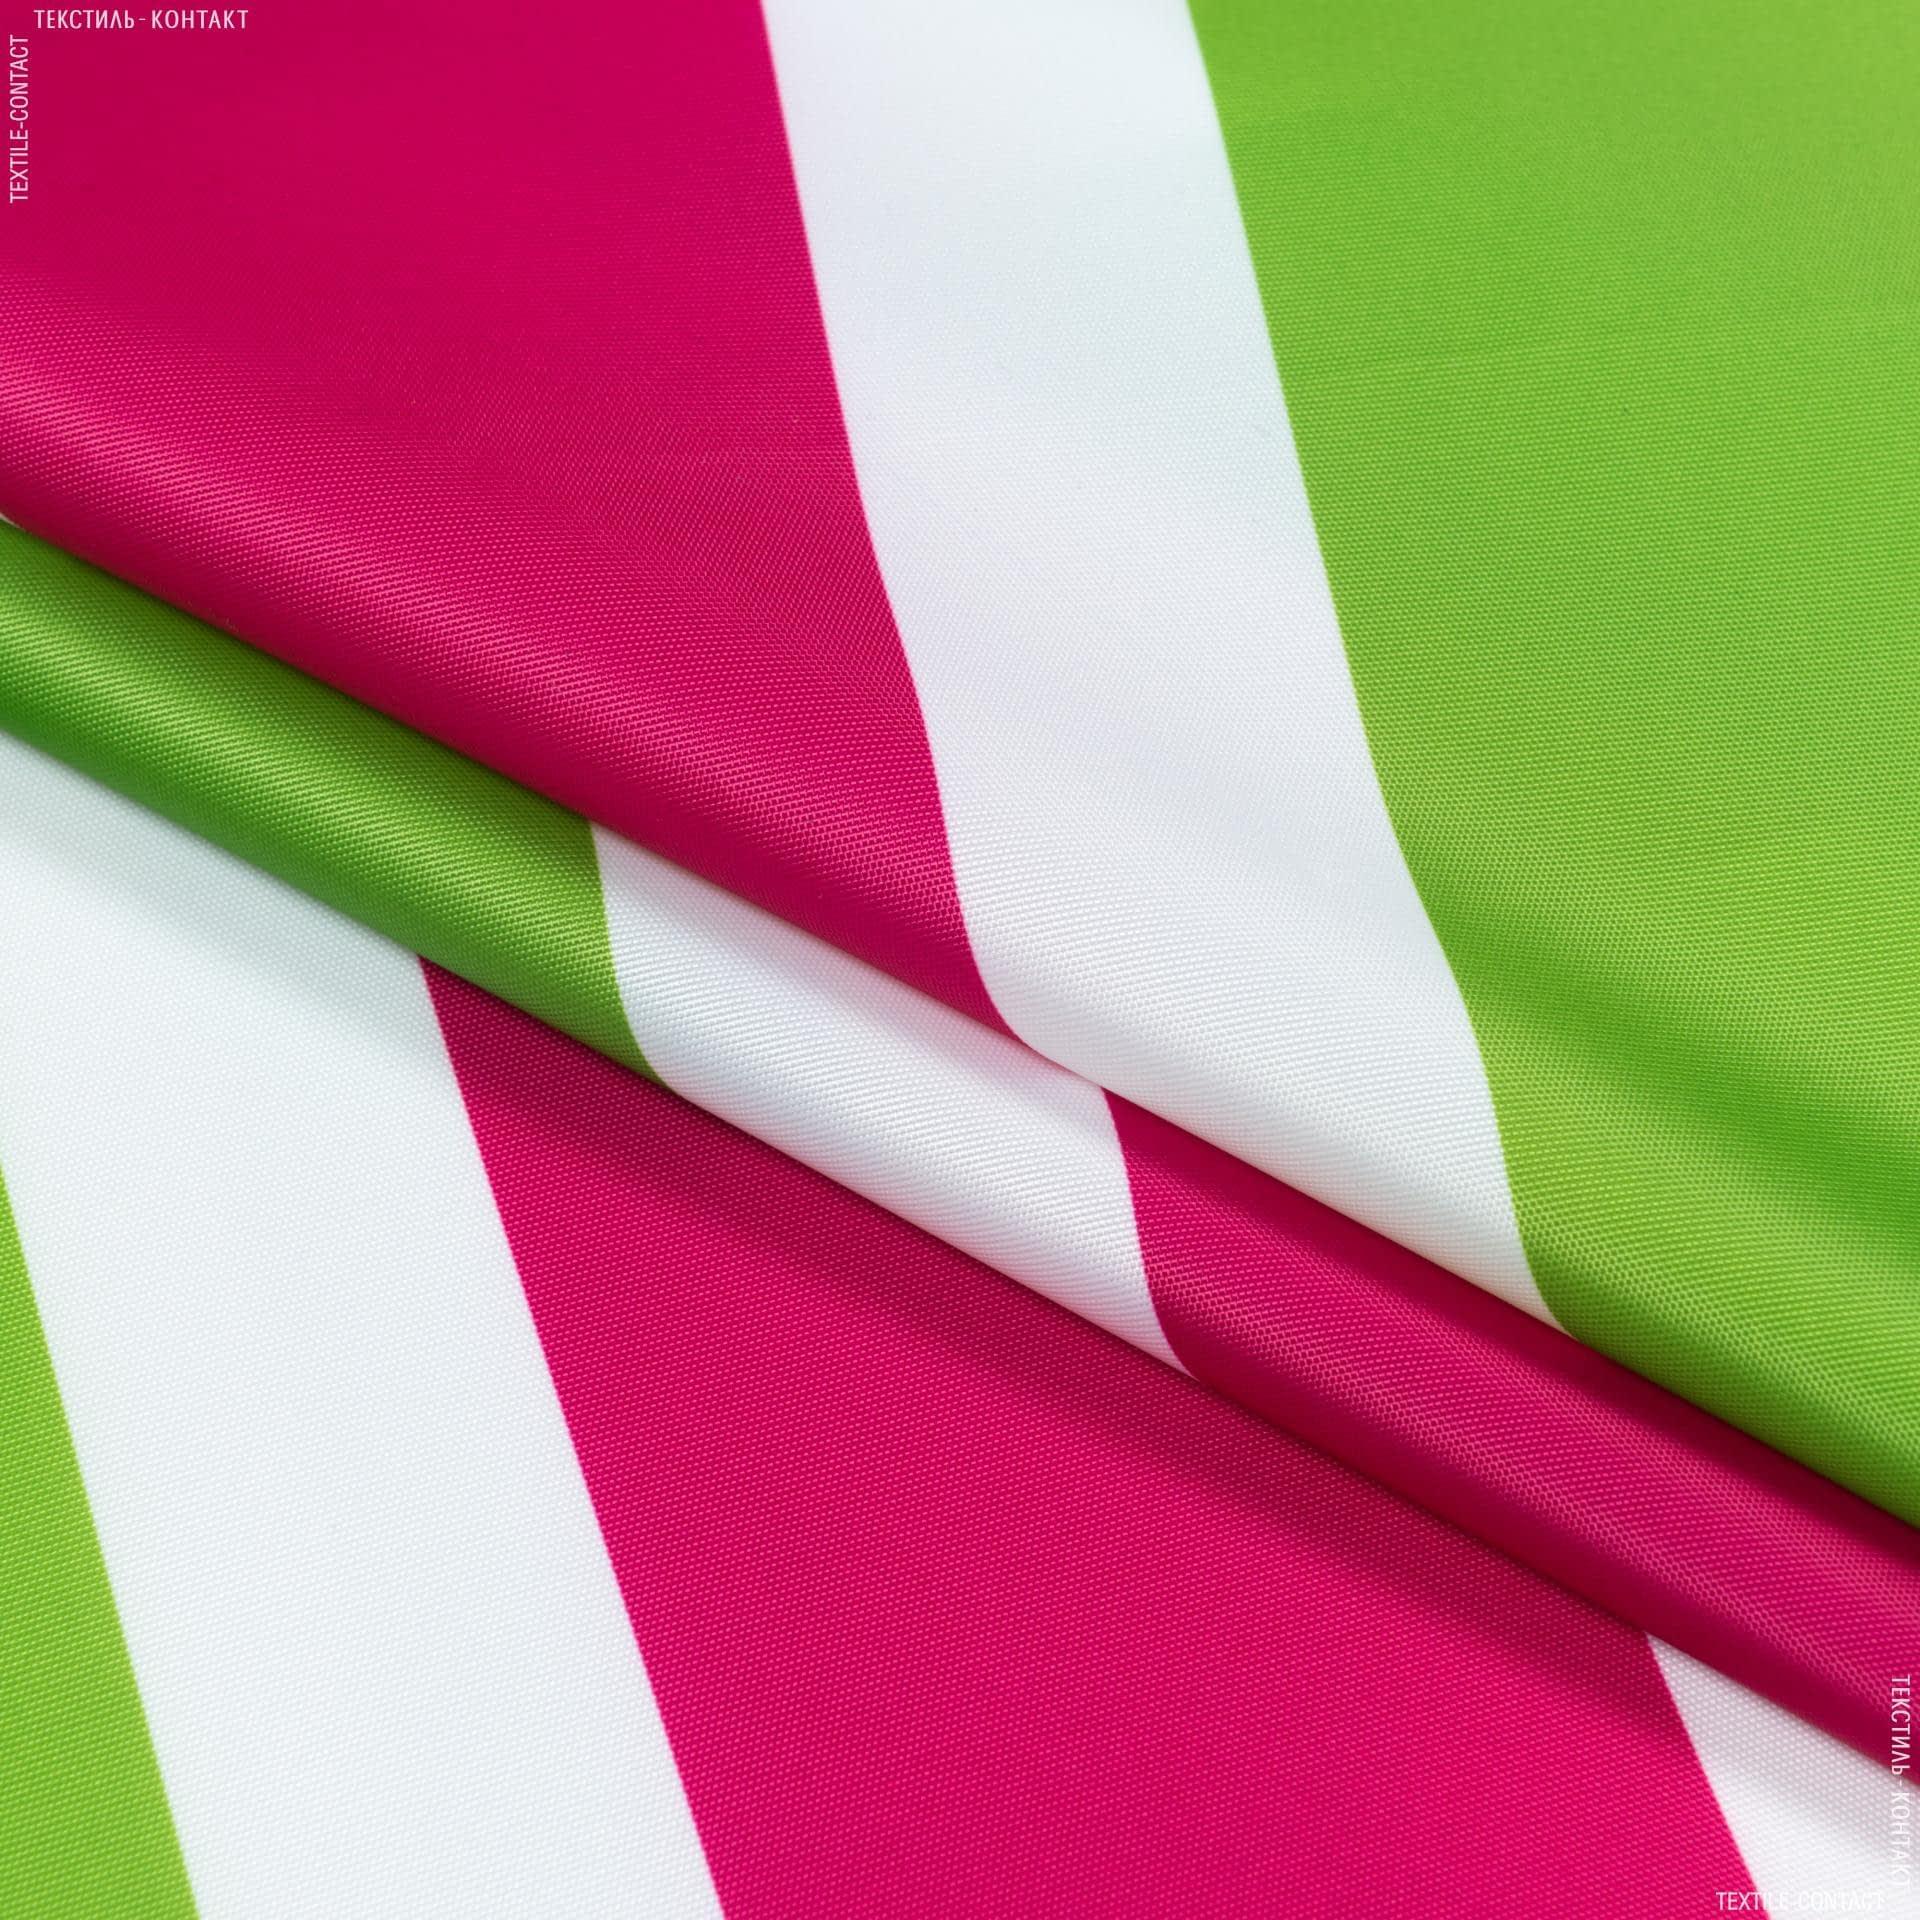 Тканини для наметів - Оксфорд-135 полоса